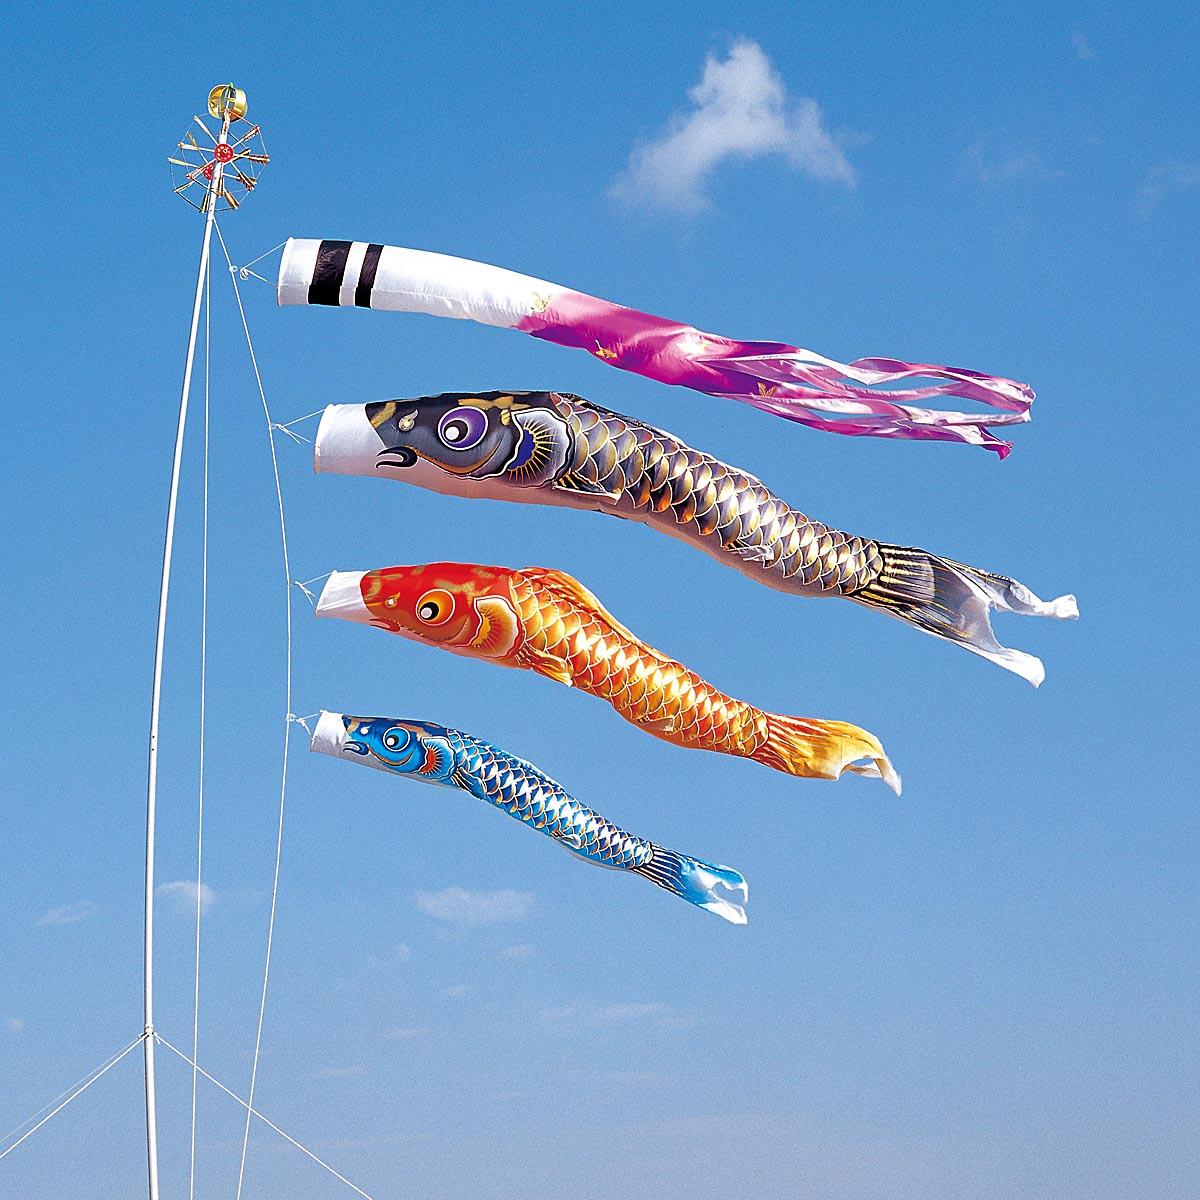 こいのぼり 庭用 空鯉 5m 6点 (矢車、ロープ、吹流し、鯉3匹) 大型/ポール別売り ダイヤ鯉 KOD-O-734276